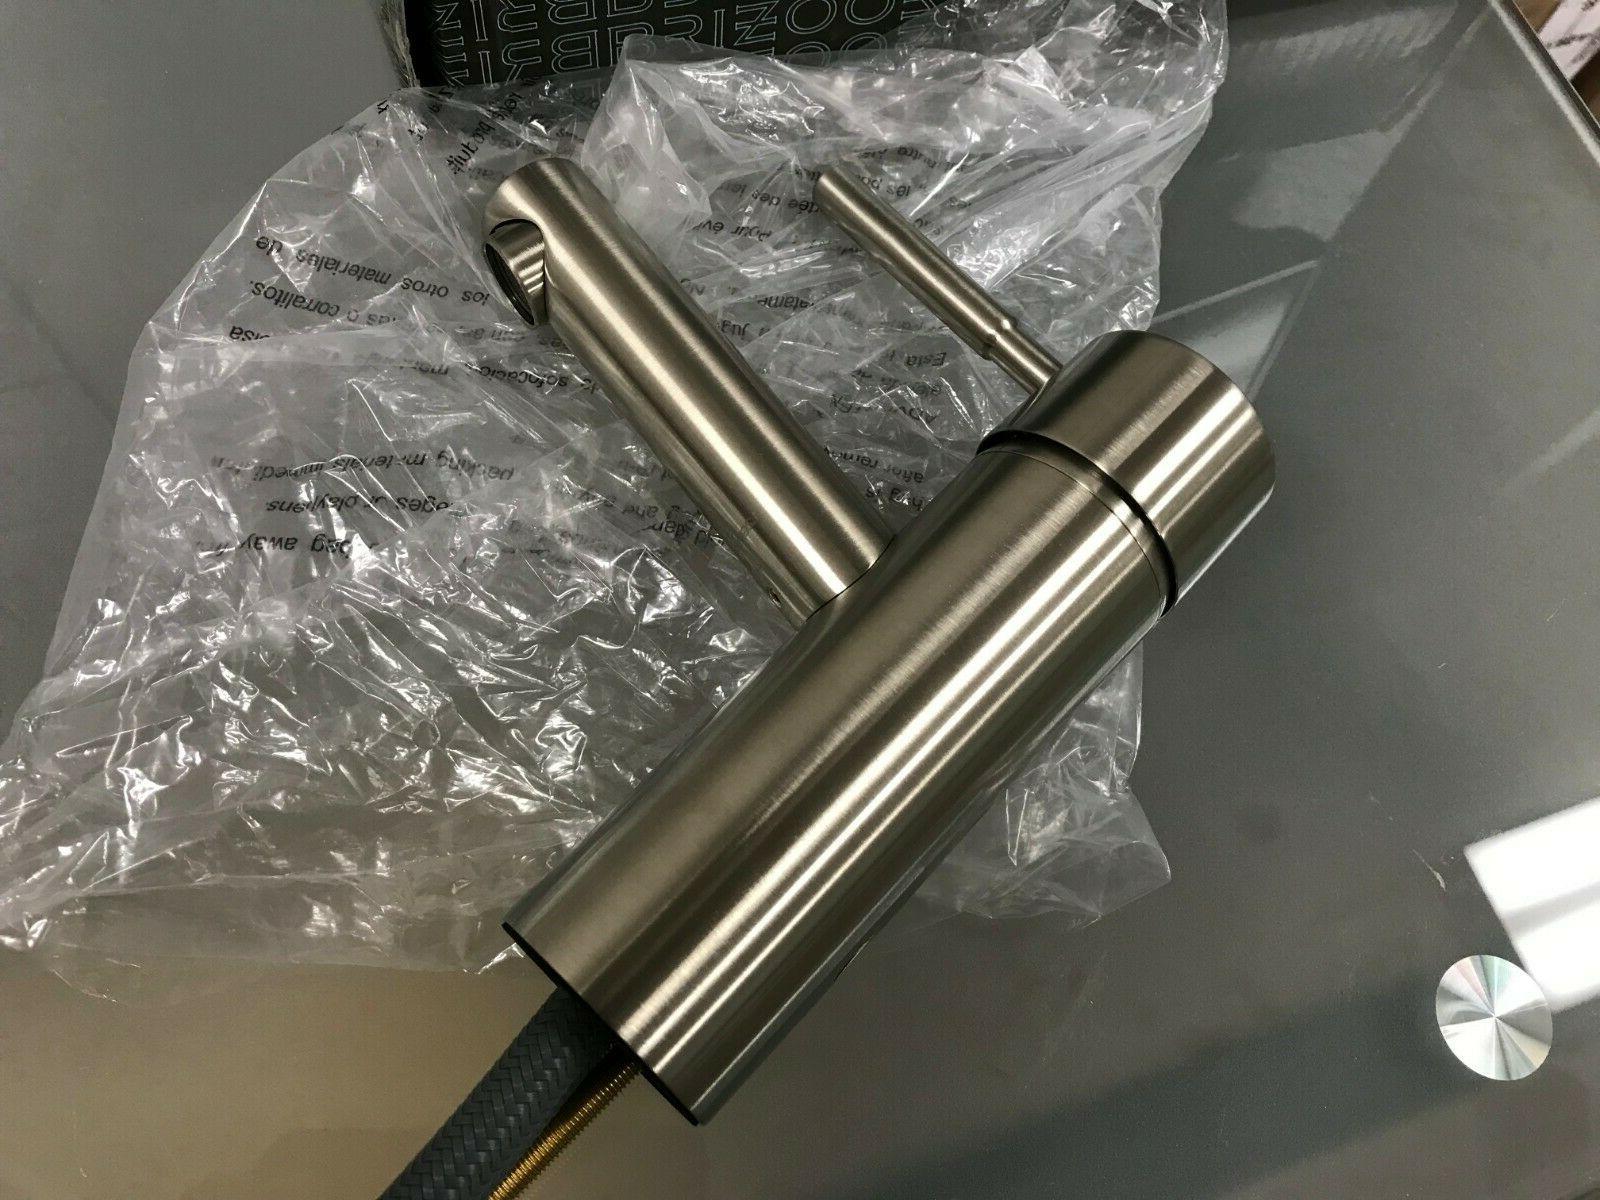 65014lf bn eco brushed nickel single hole